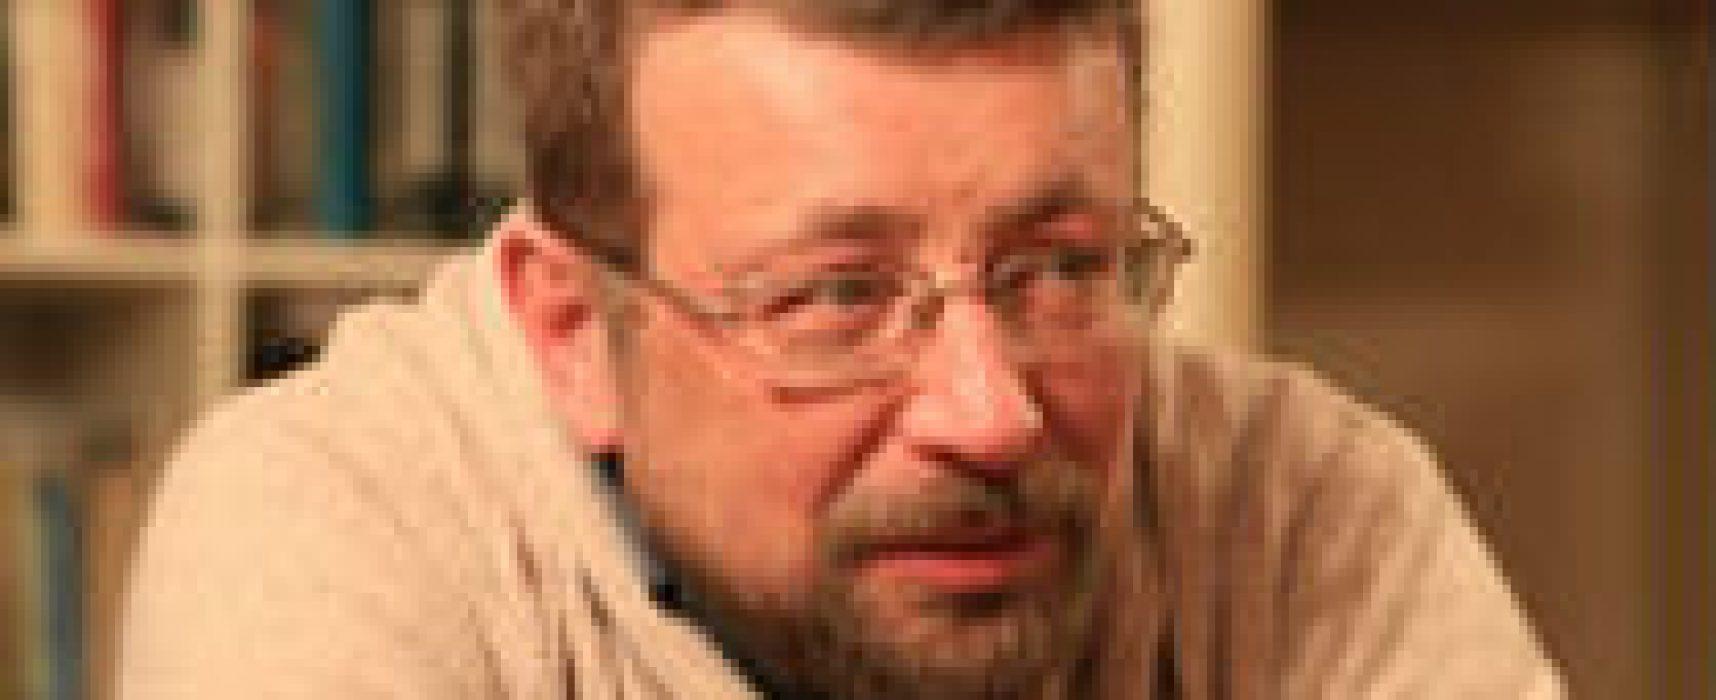 Ілля Мільштейн: Так звана правда